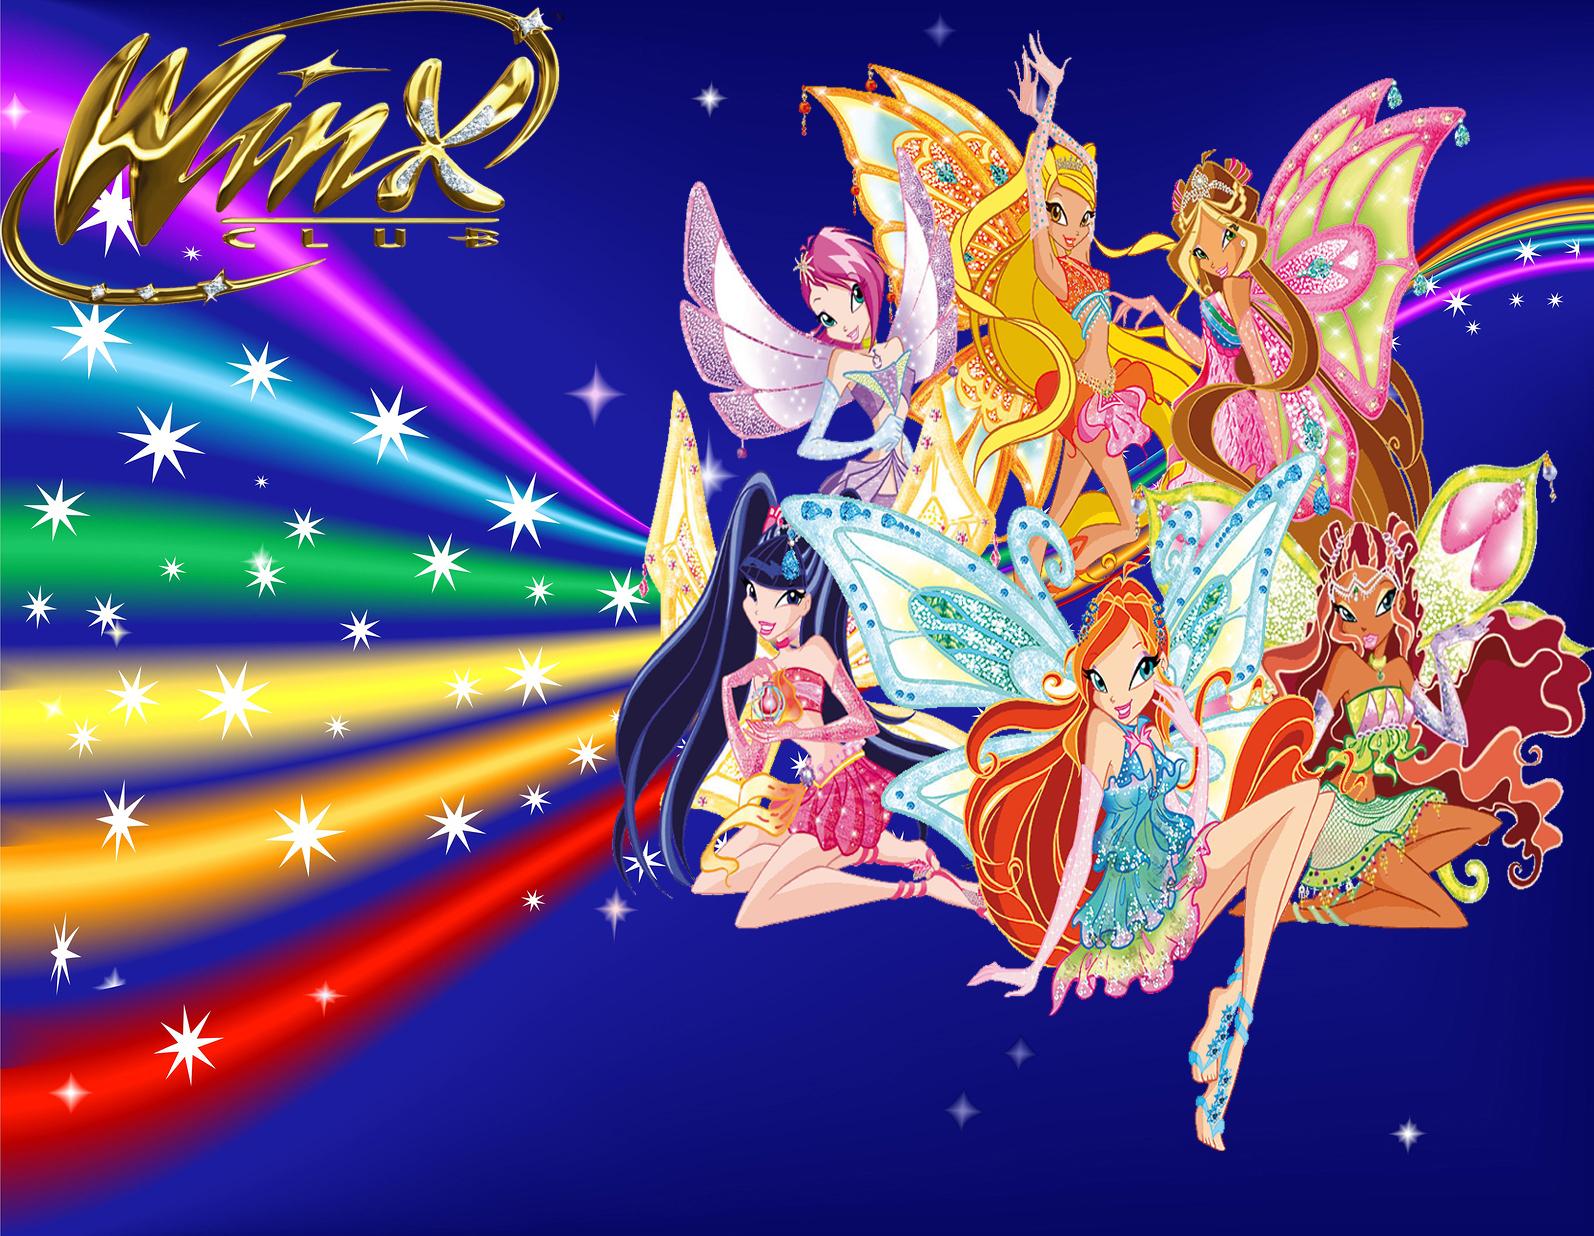 winx club fairy f wallpaper 1594x1236 184870 wallpaperup